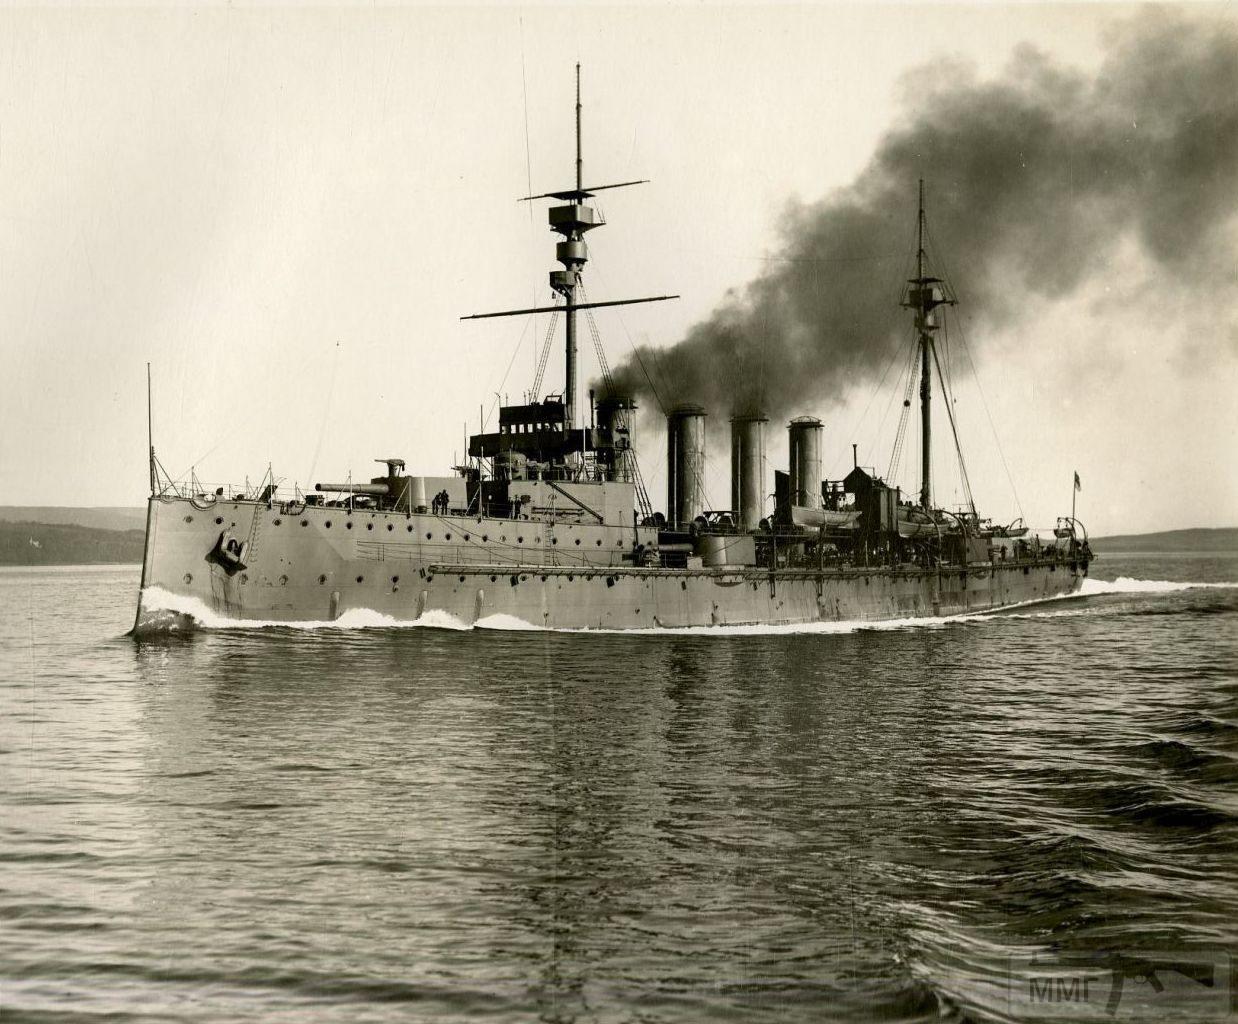 22159 - Броненосцы, дредноуты, линкоры и крейсера Британии